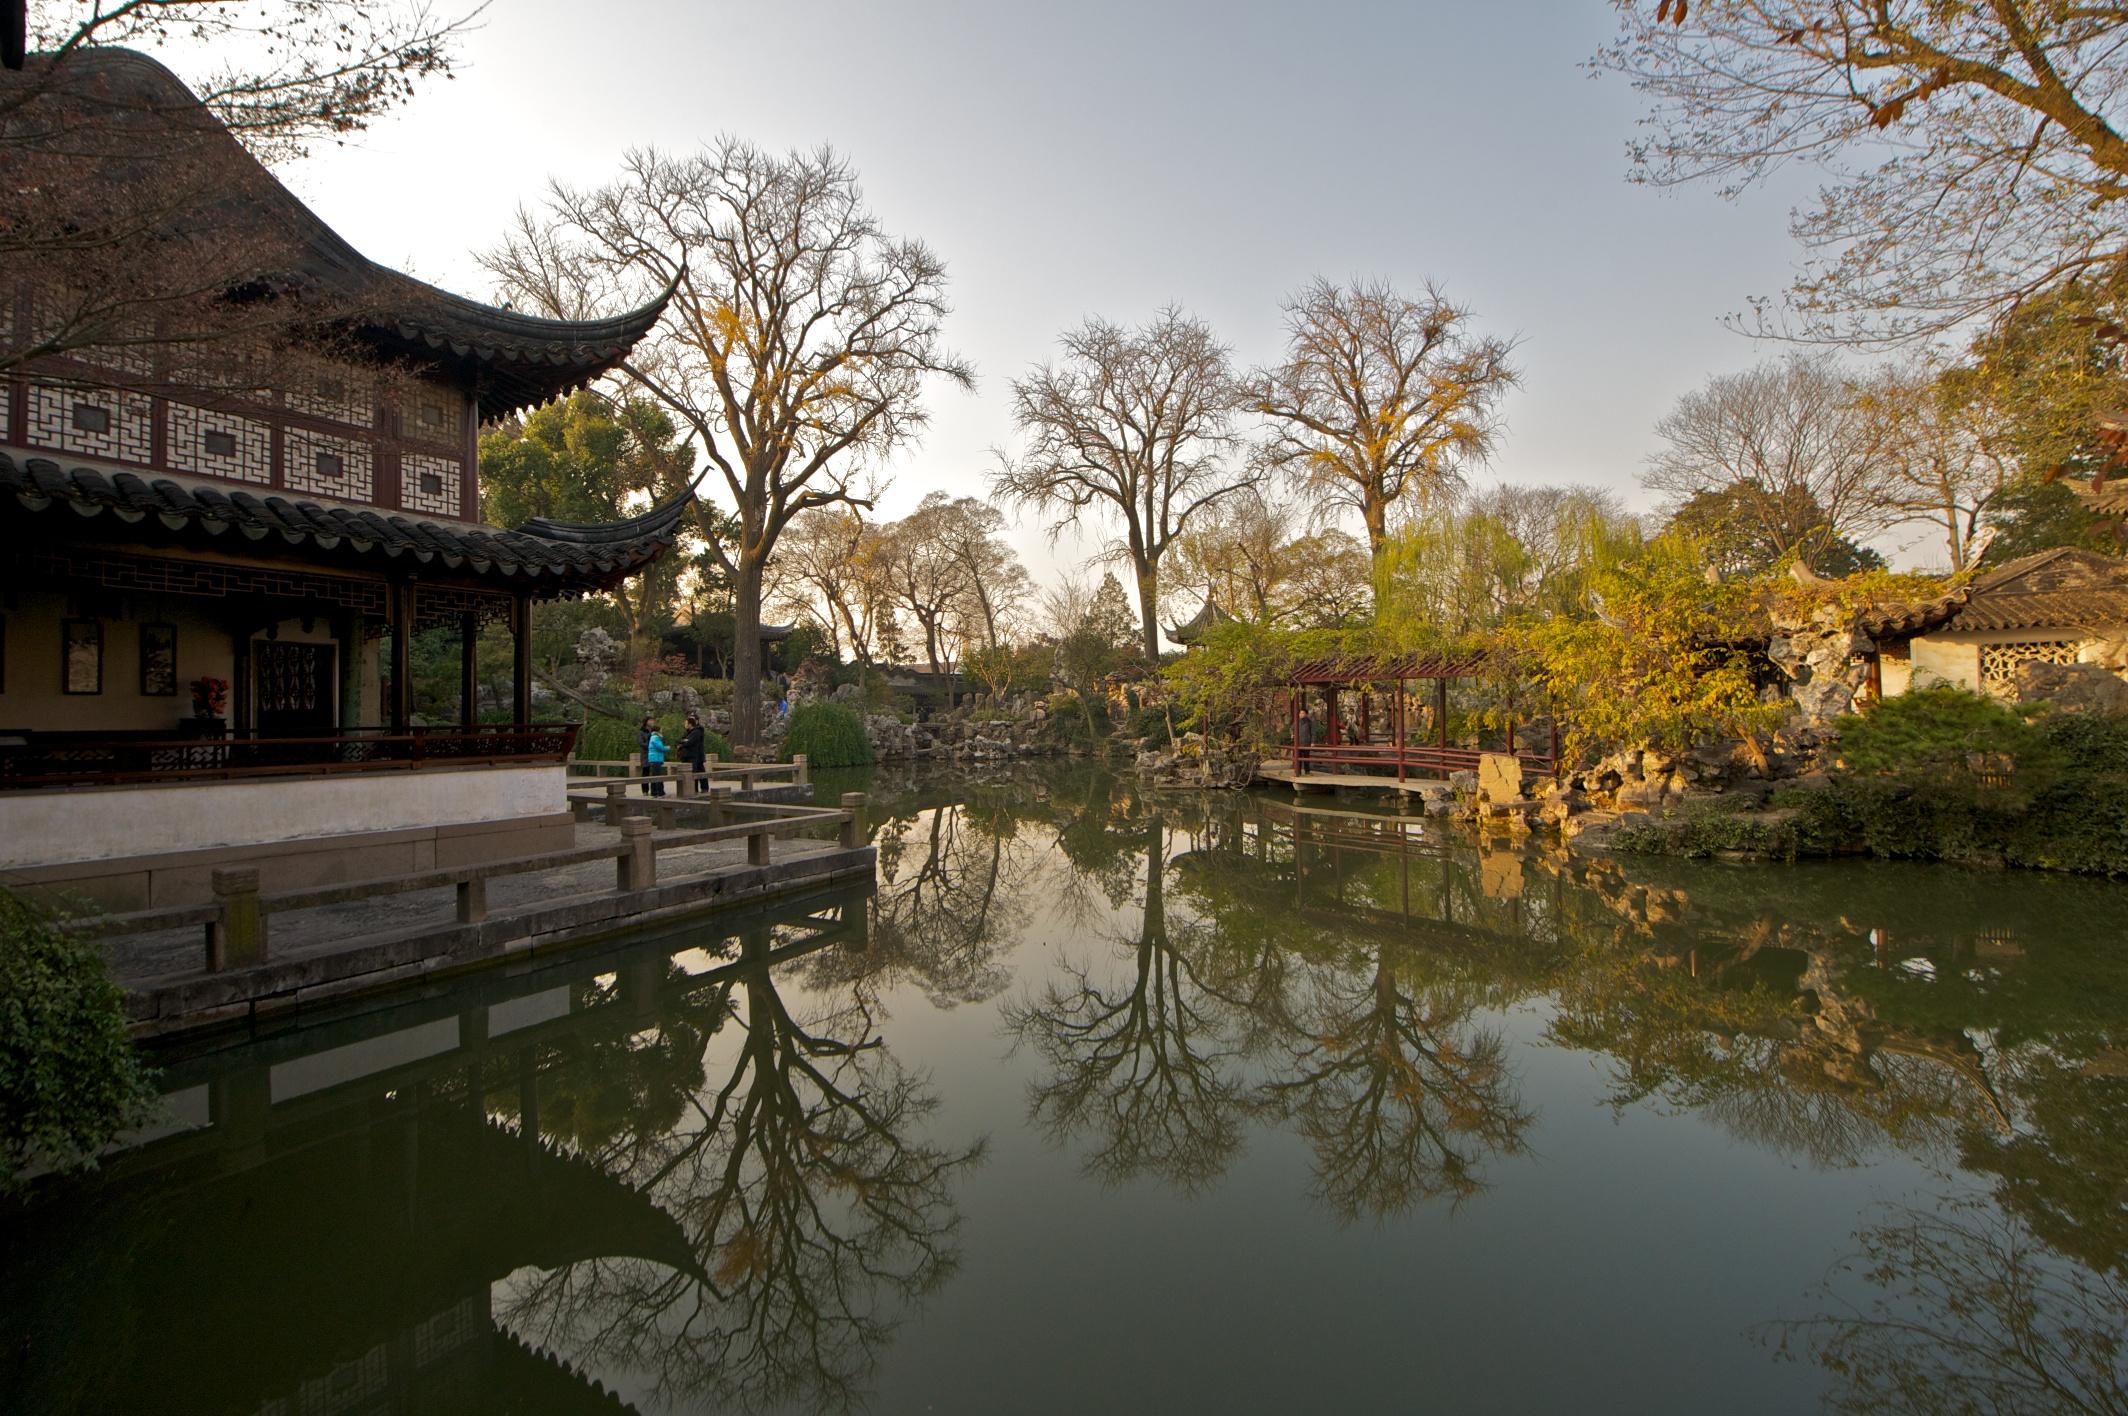 Giardino cinese wikiwand - Giardino del mandarino yu ...